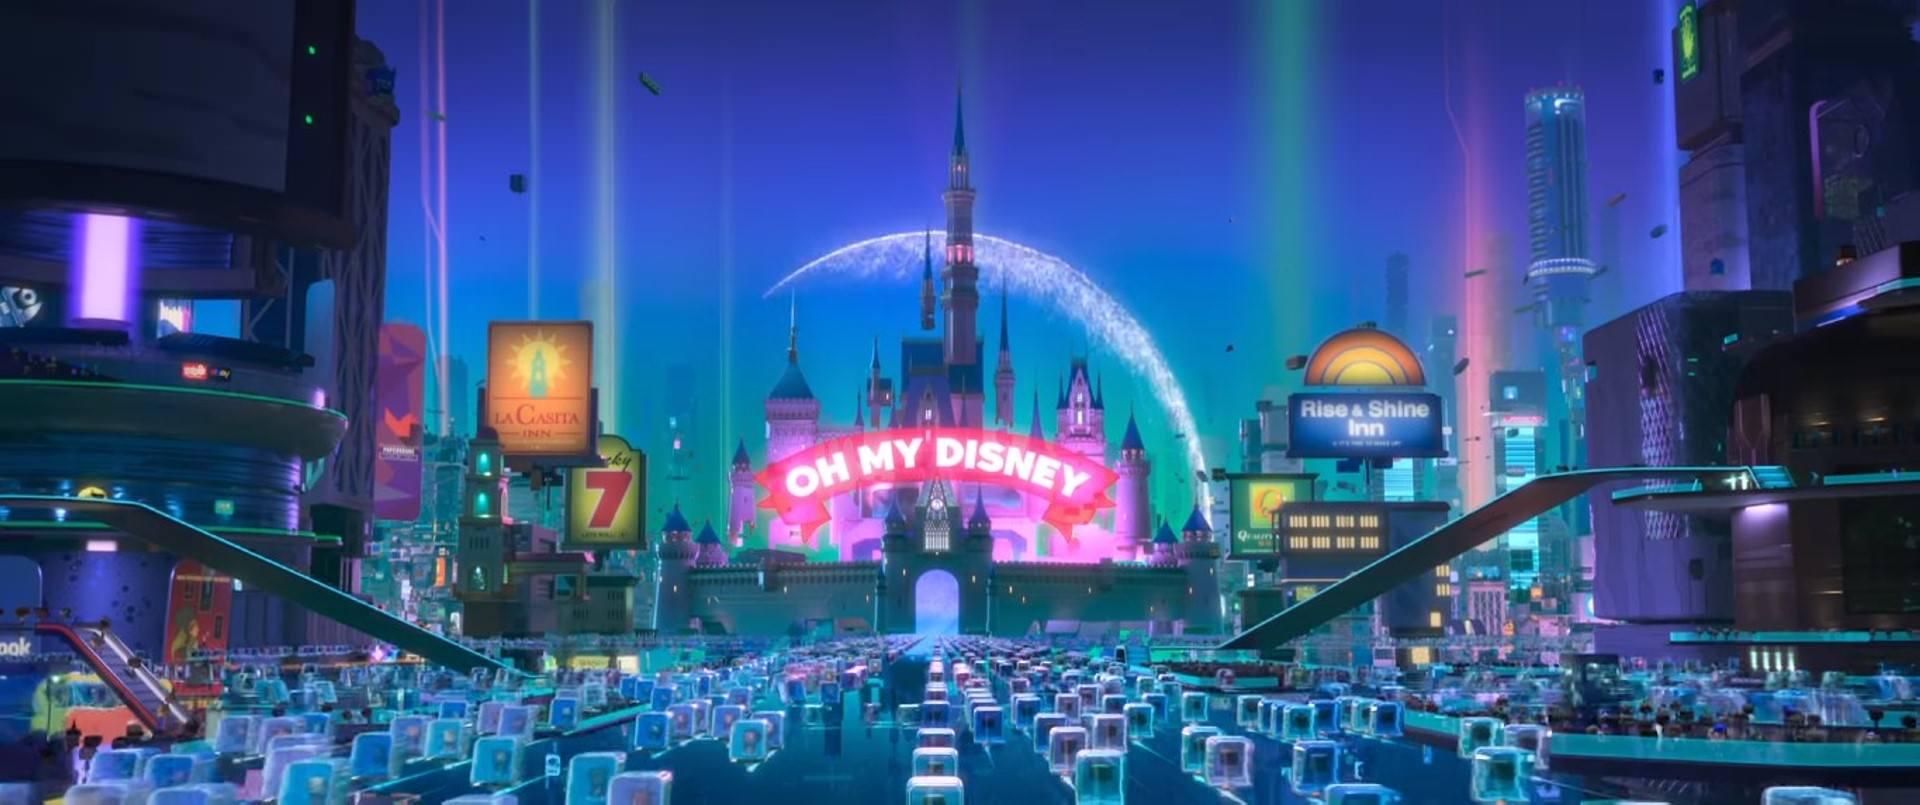 Movie, Ralph Breaks the Internet(美國, 2018年) / 無敵破壞王2:網路大暴走(台灣) / 无敌破坏王2:大闹互联网(中國) / 無敵破壞王2:打爆互聯網(香港), 彩蛋/Easter egg